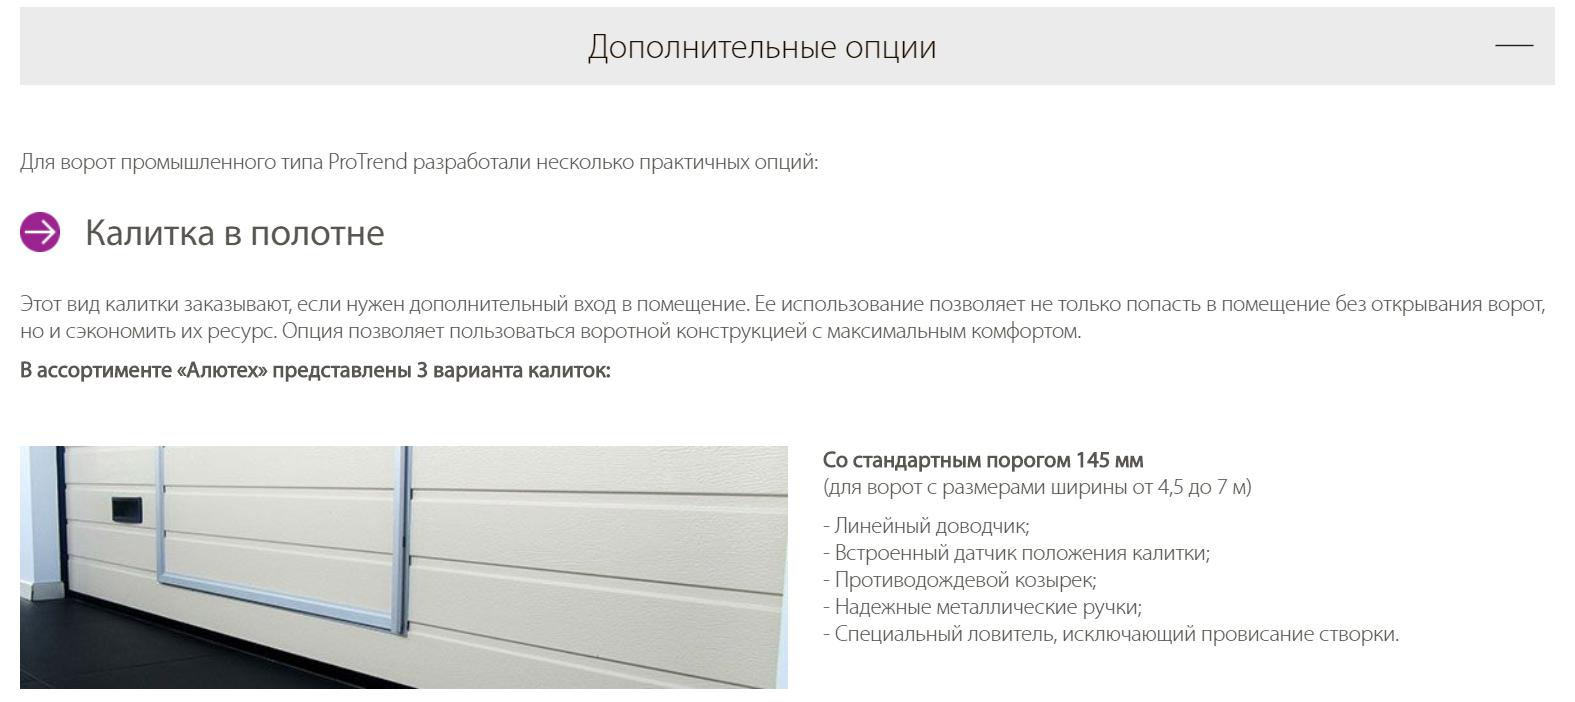 ProTrend промышленные секционные ворота в Узбекистане